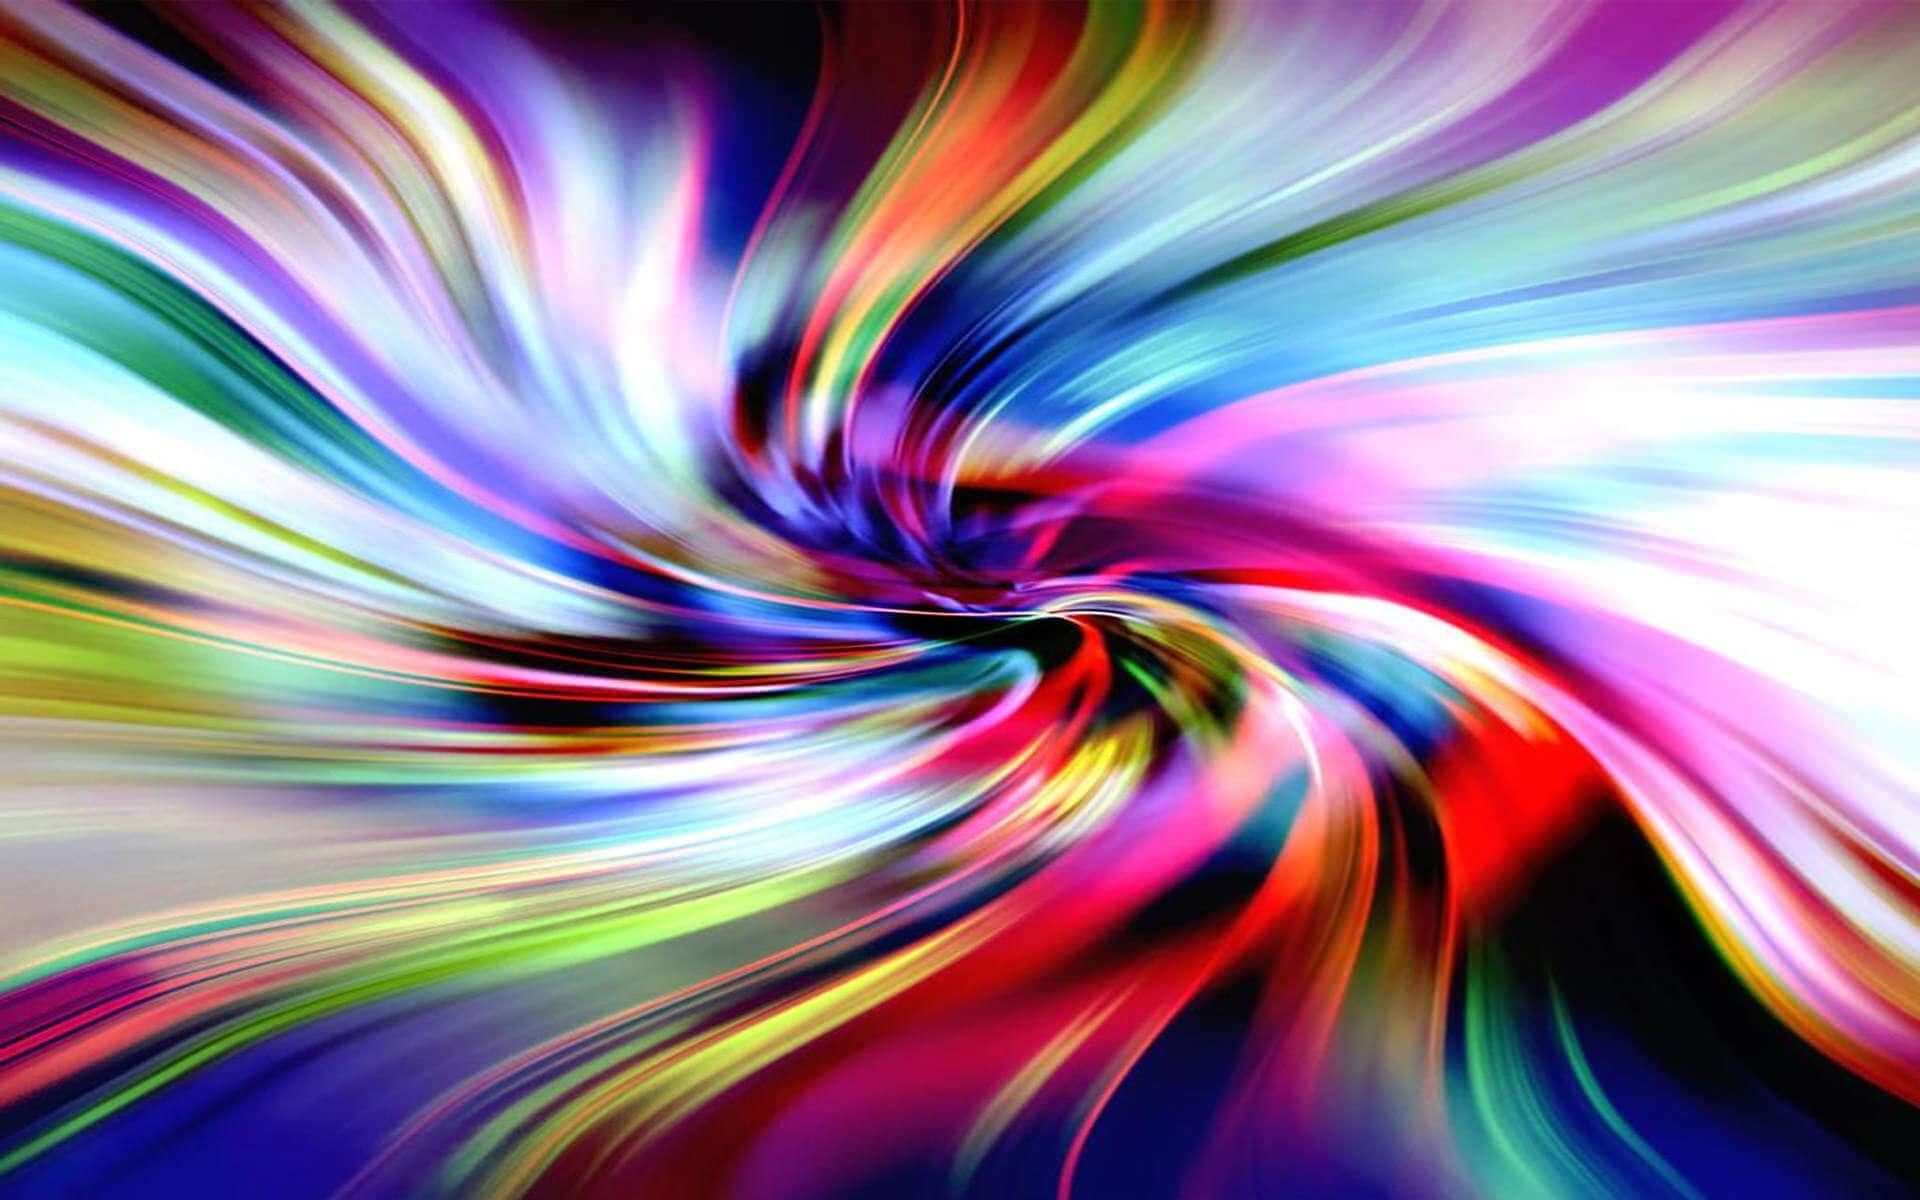 רקע צבעוני יפה